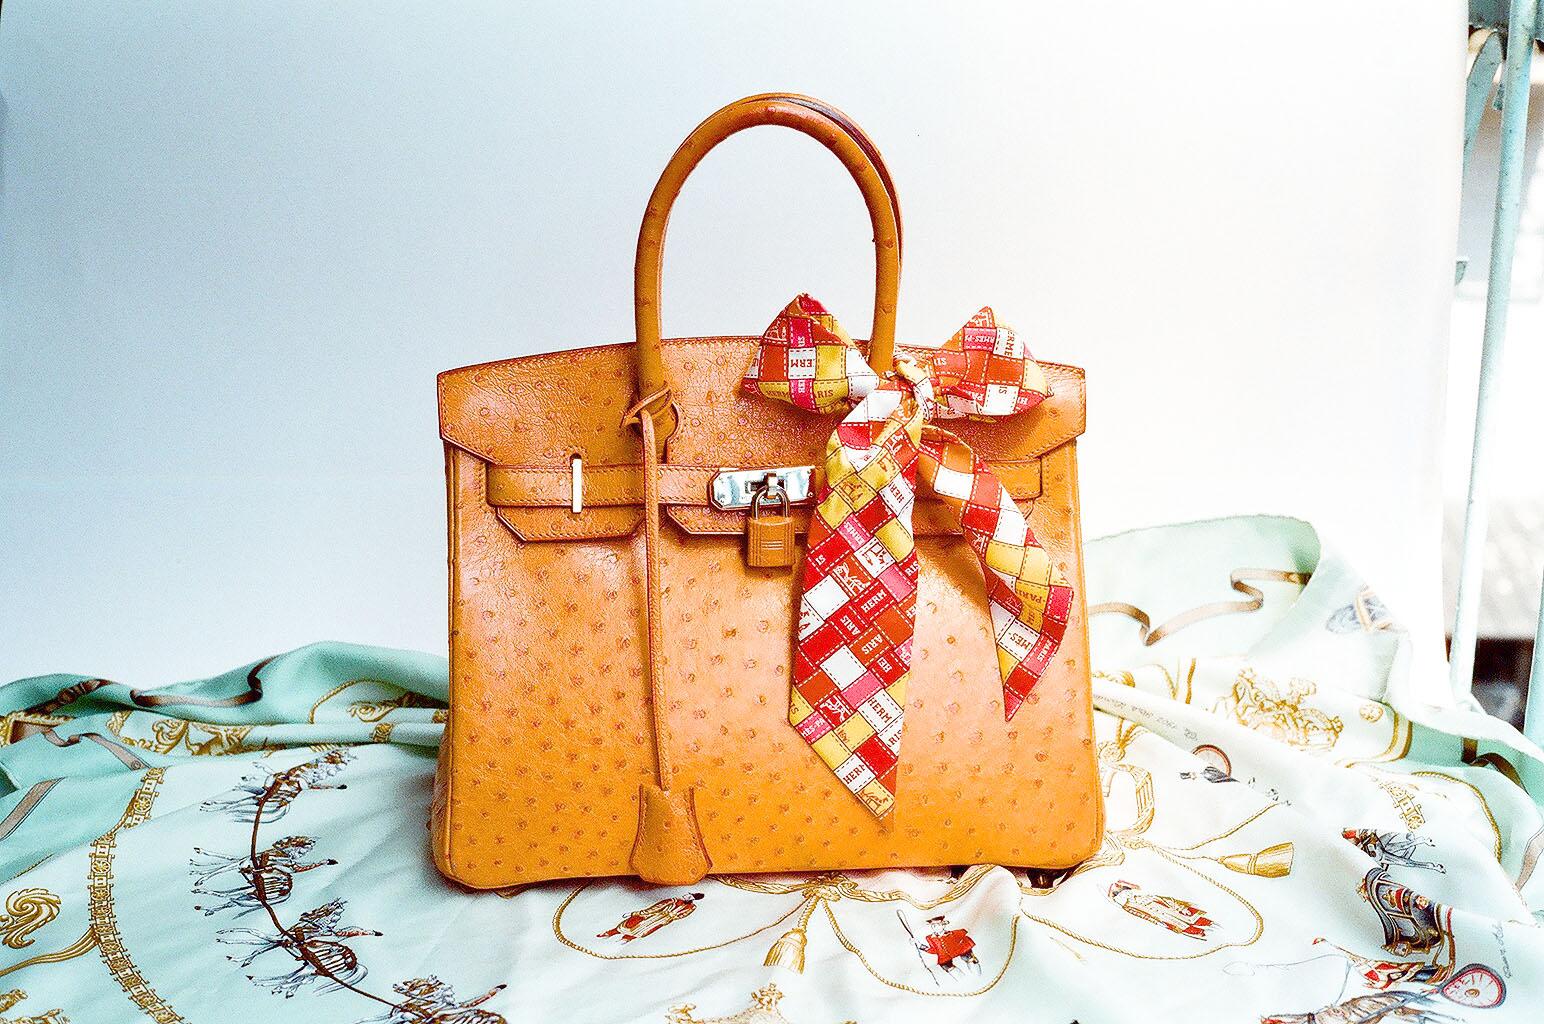 Ostrich Bag de Loewe